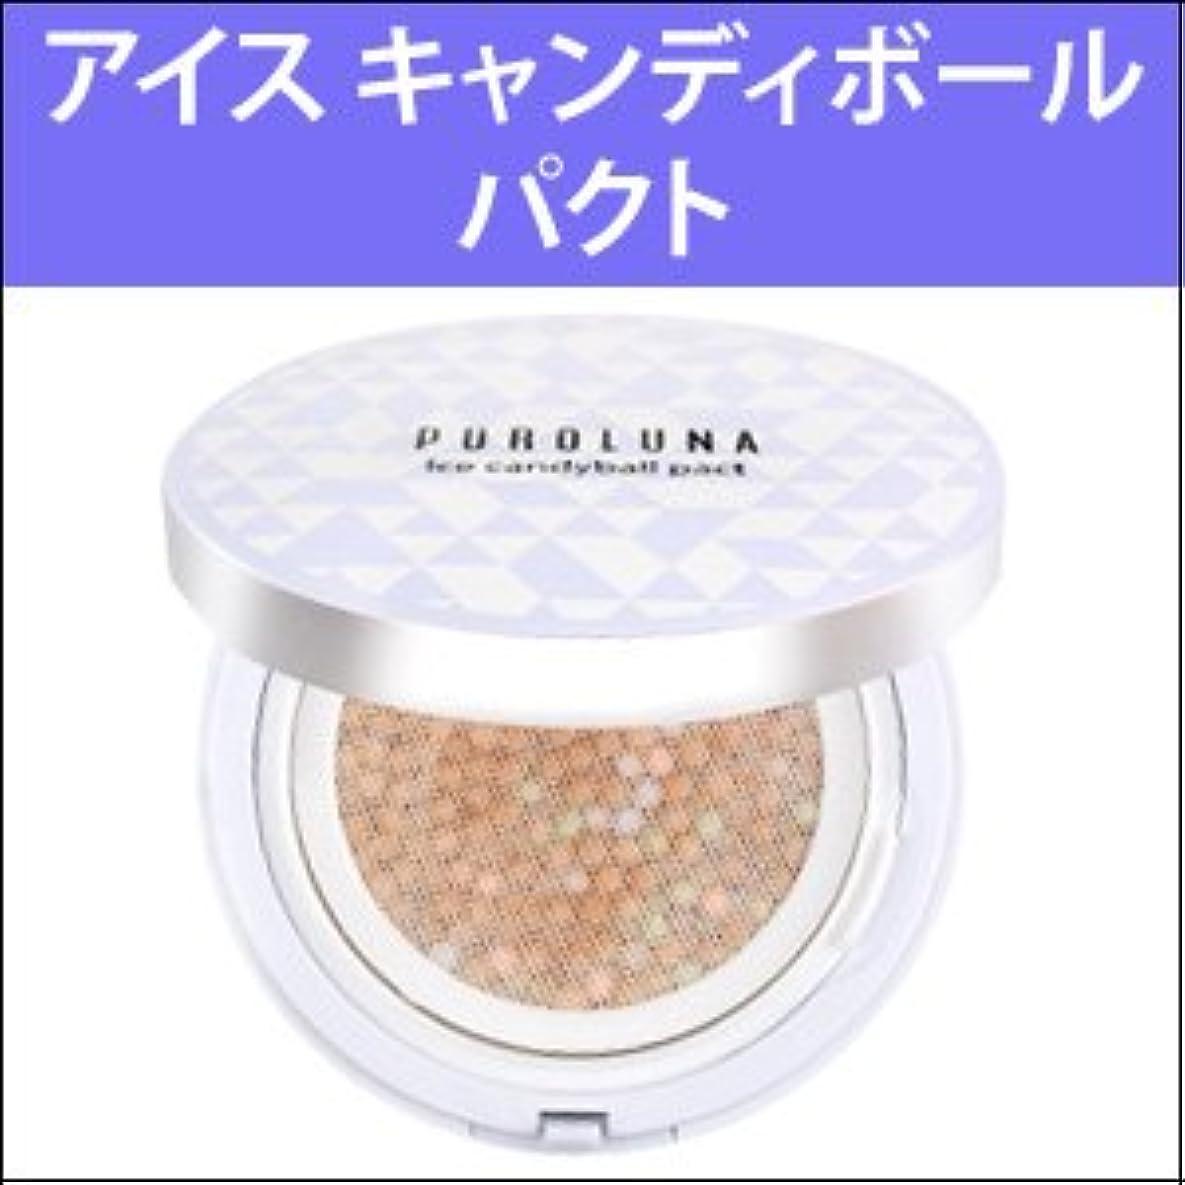 湿地マーカー原理『PUROLUNA?プロルナ』 アイス キャンディボール パクト(SPF50+/PA+++) カラー:2号 ベージュ